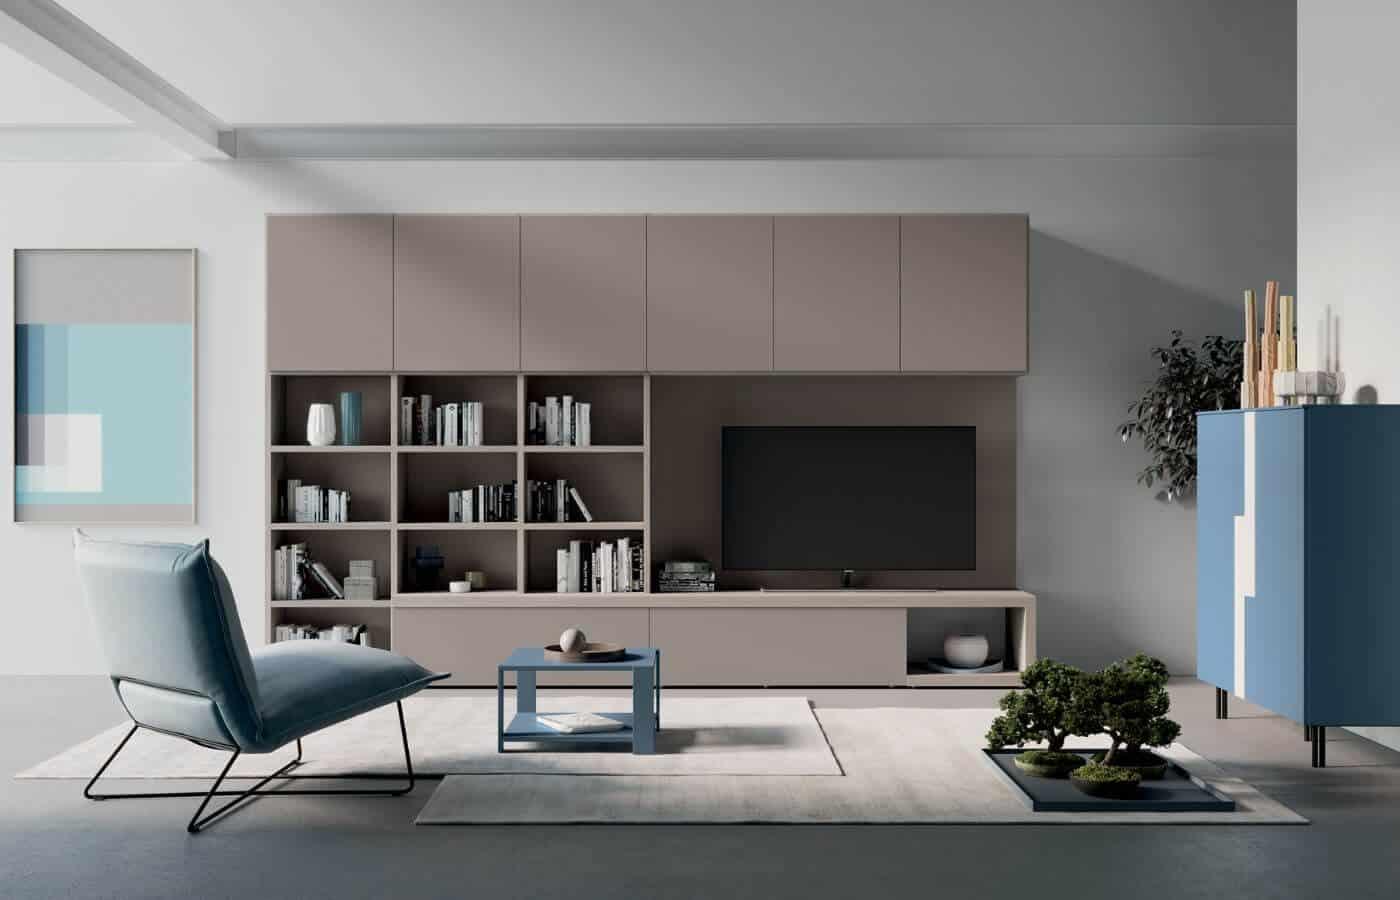 zona-giorno-librerie-collezione-giunone-il-mobile (3)